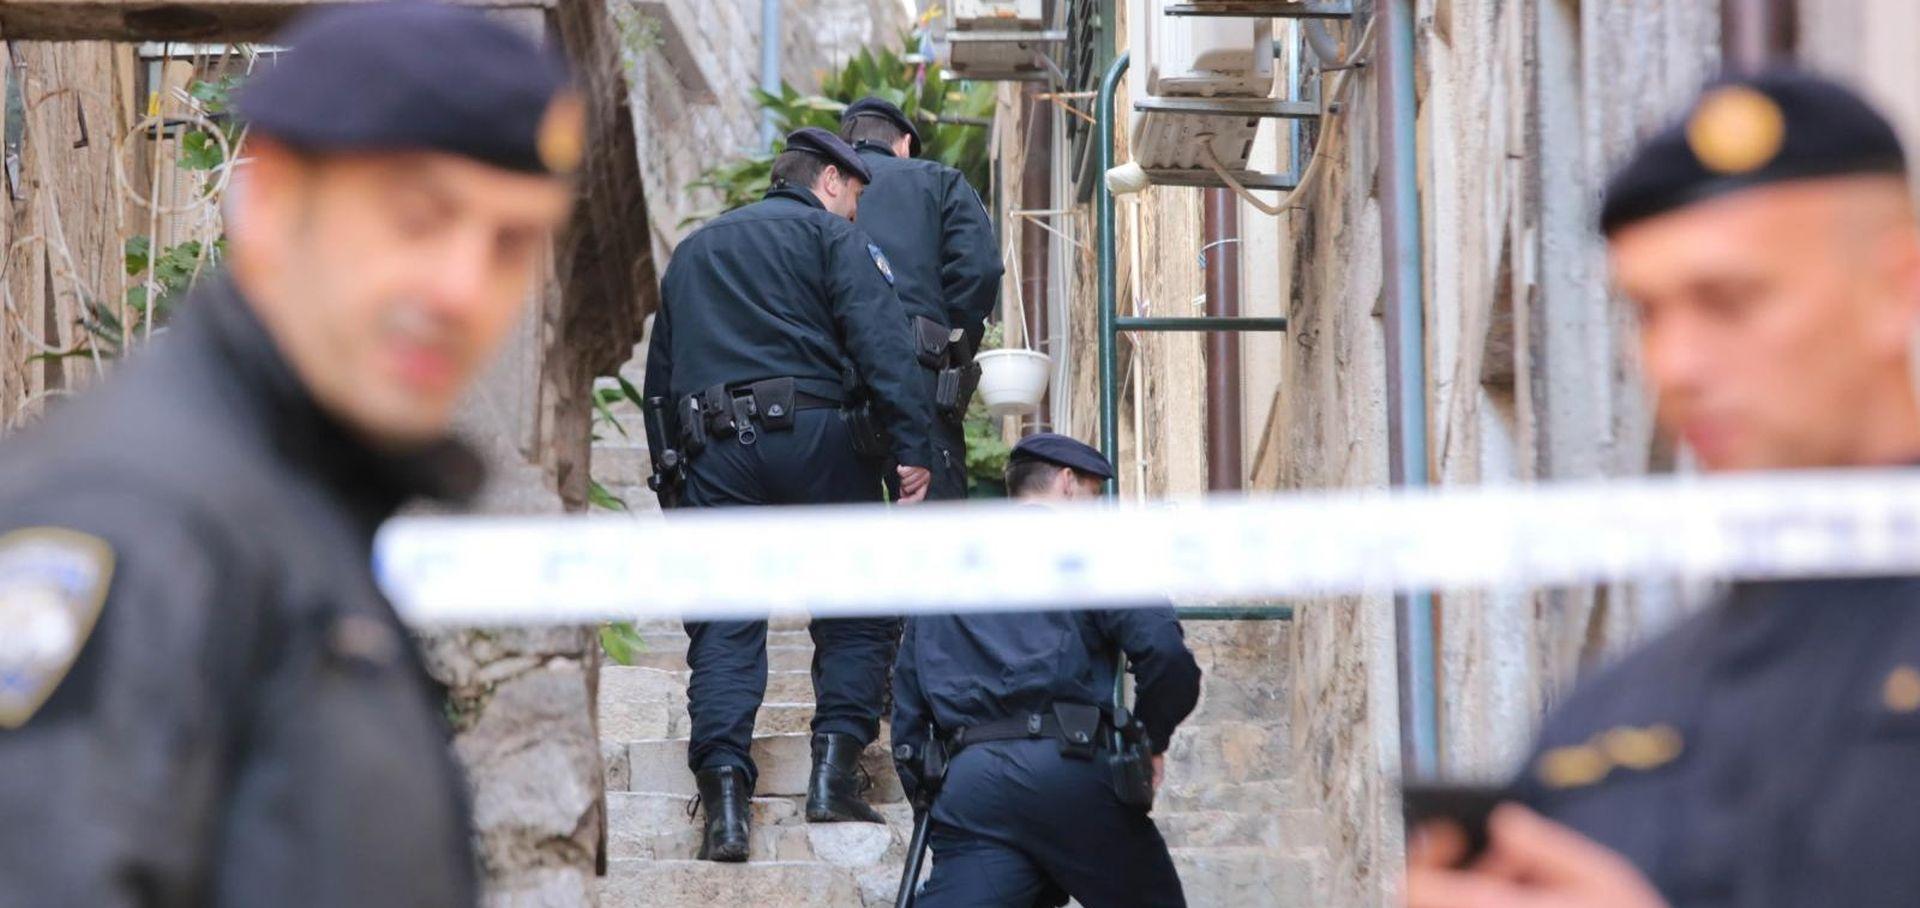 Tri mrtve osobe nađene u stanu u Dubrovniku, sumnja na ubojstvo